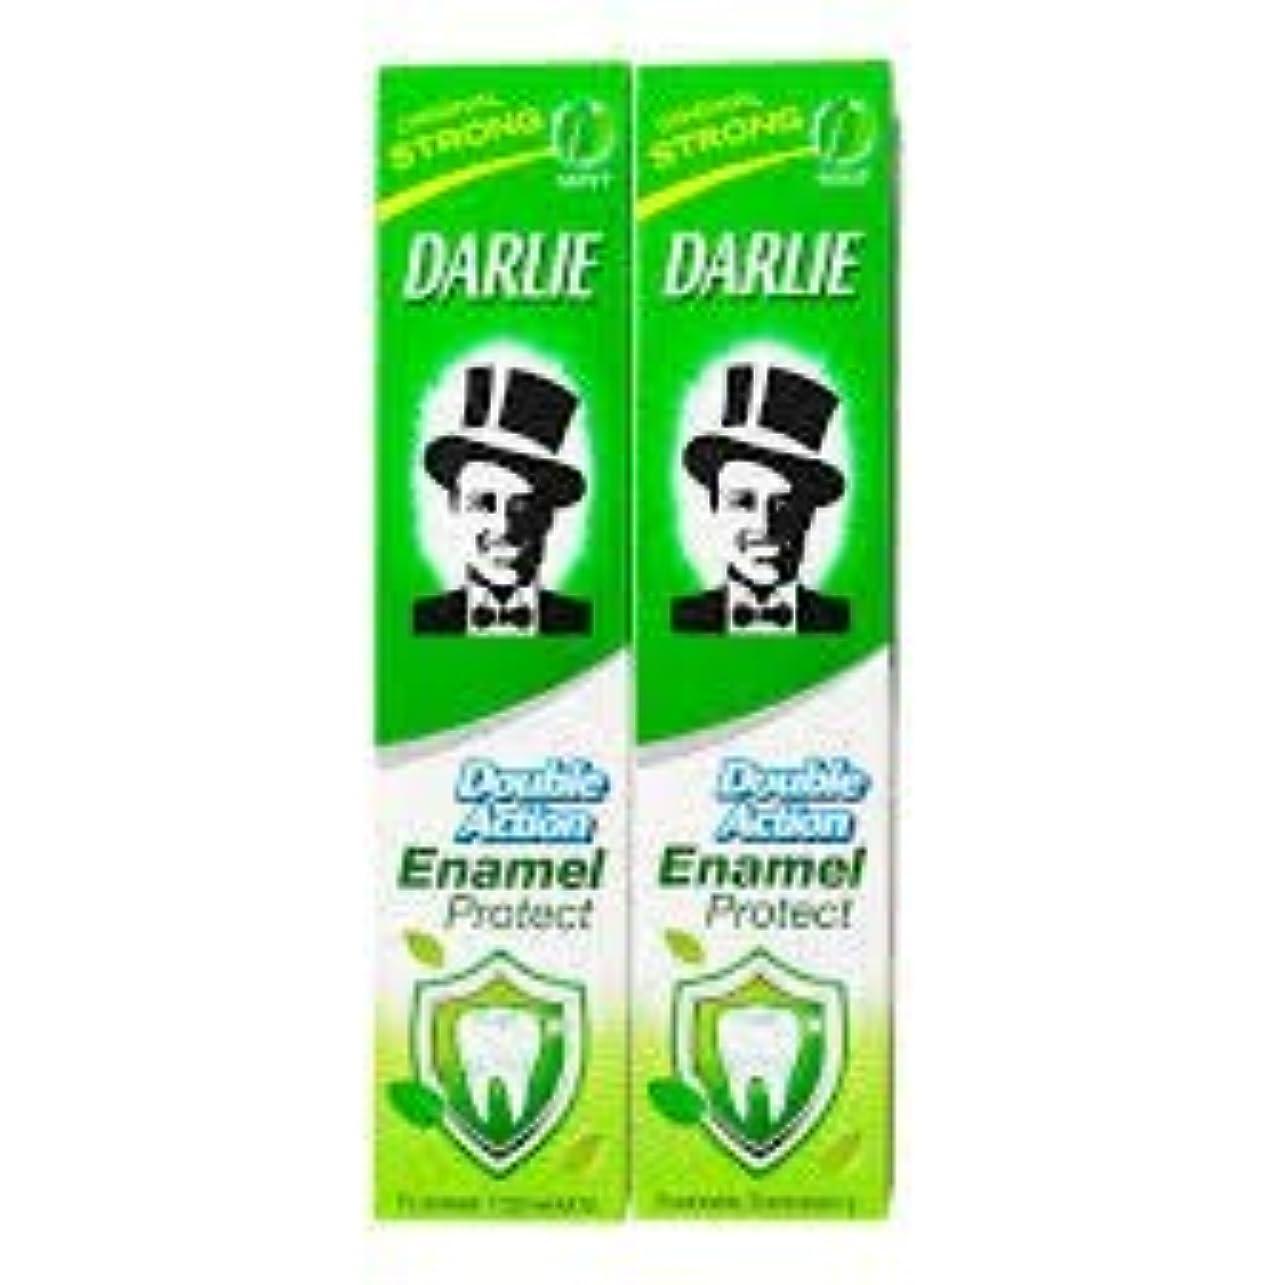 上記の頭と肩研磨スカープDARLIE 歯磨き粉歯磨き粉二重の役割、保護エナメル強いミント2×220ケ - あなたの歯を強化し、防御の最前線